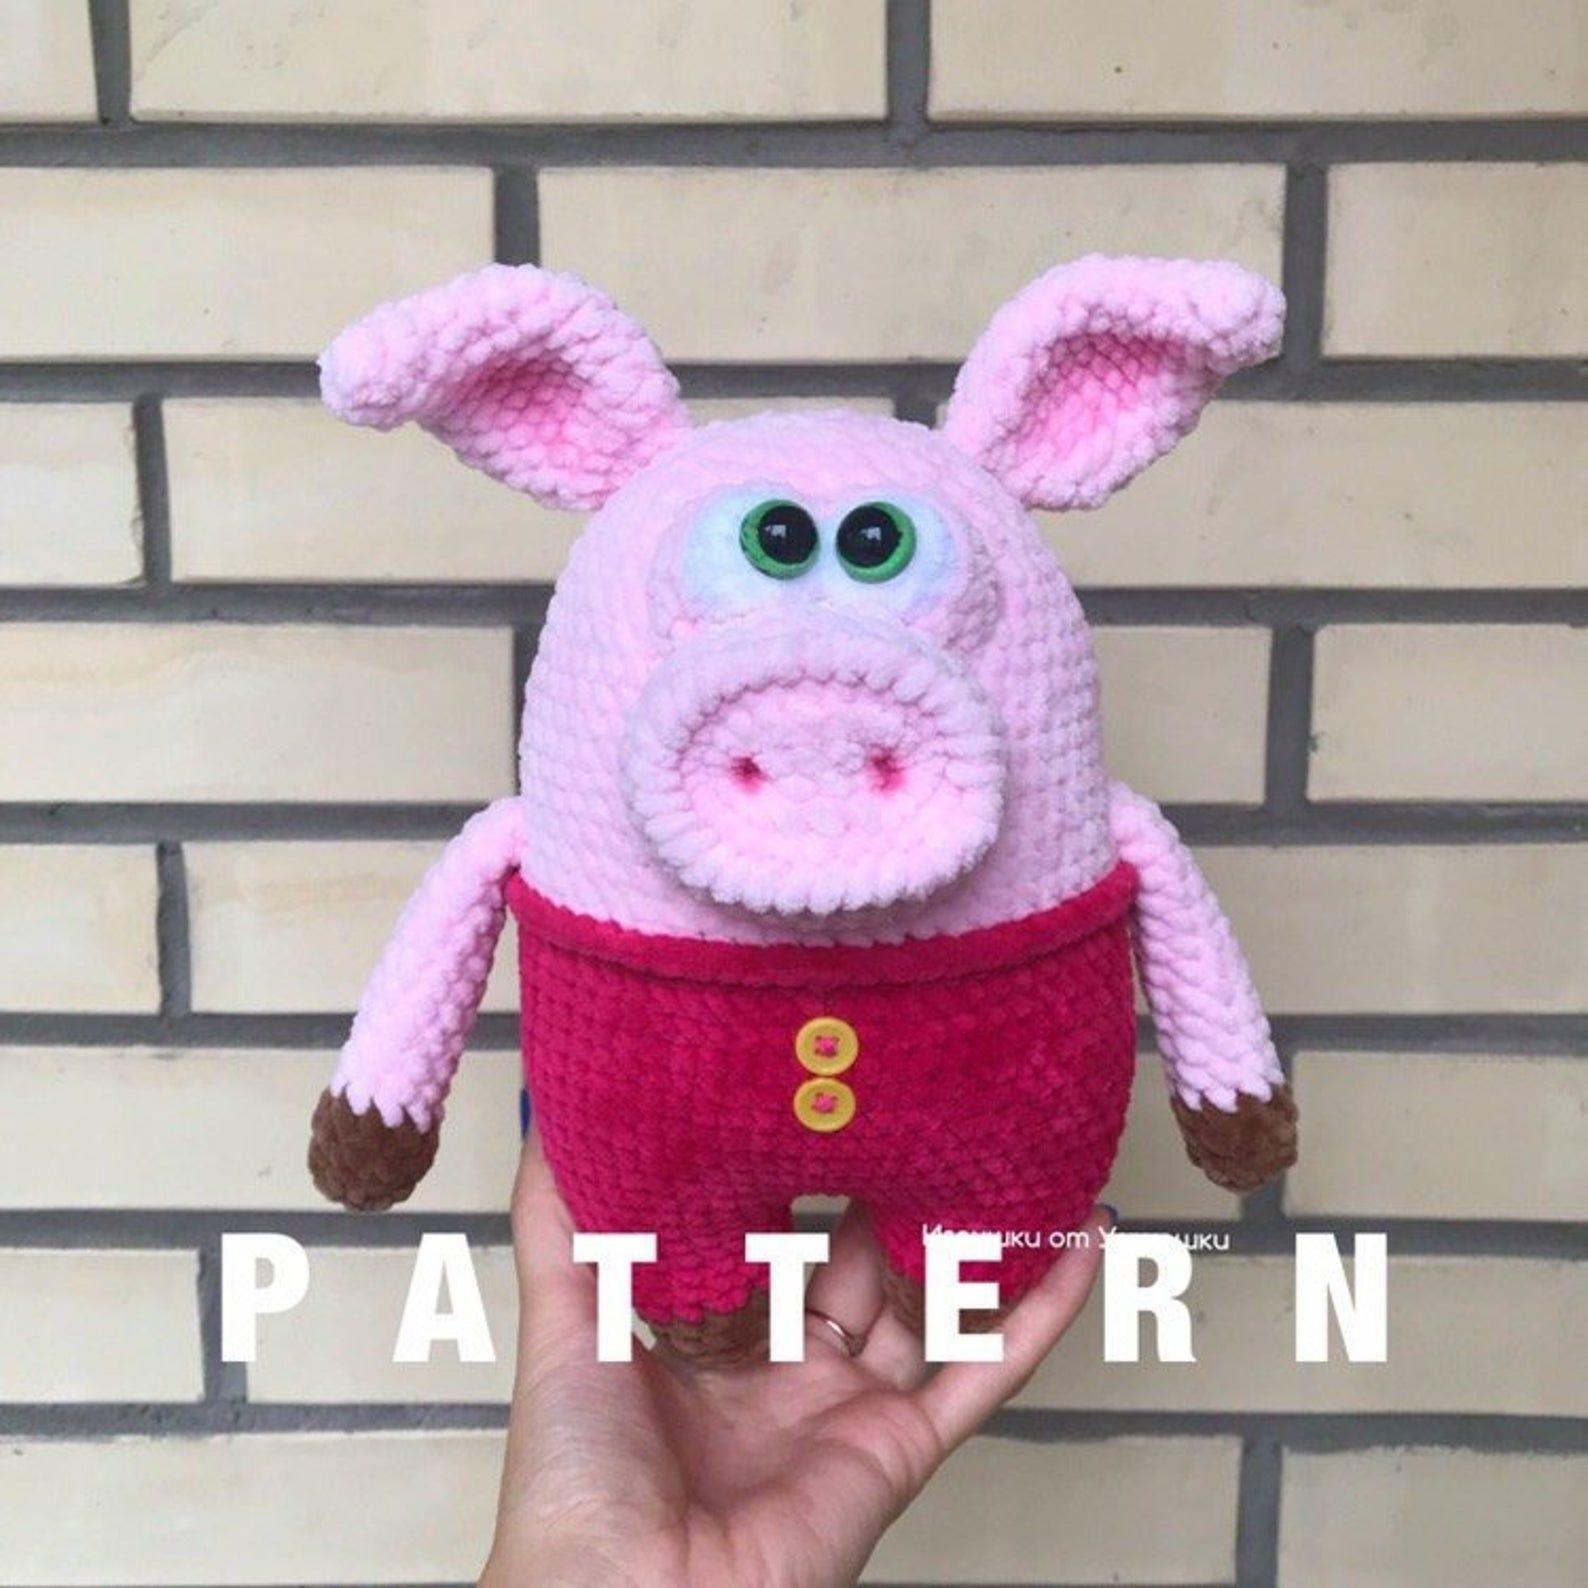 Amigurumi Piglet Free Crochet Pattern | Crochet patterns amigurumi ... | 1588x1588